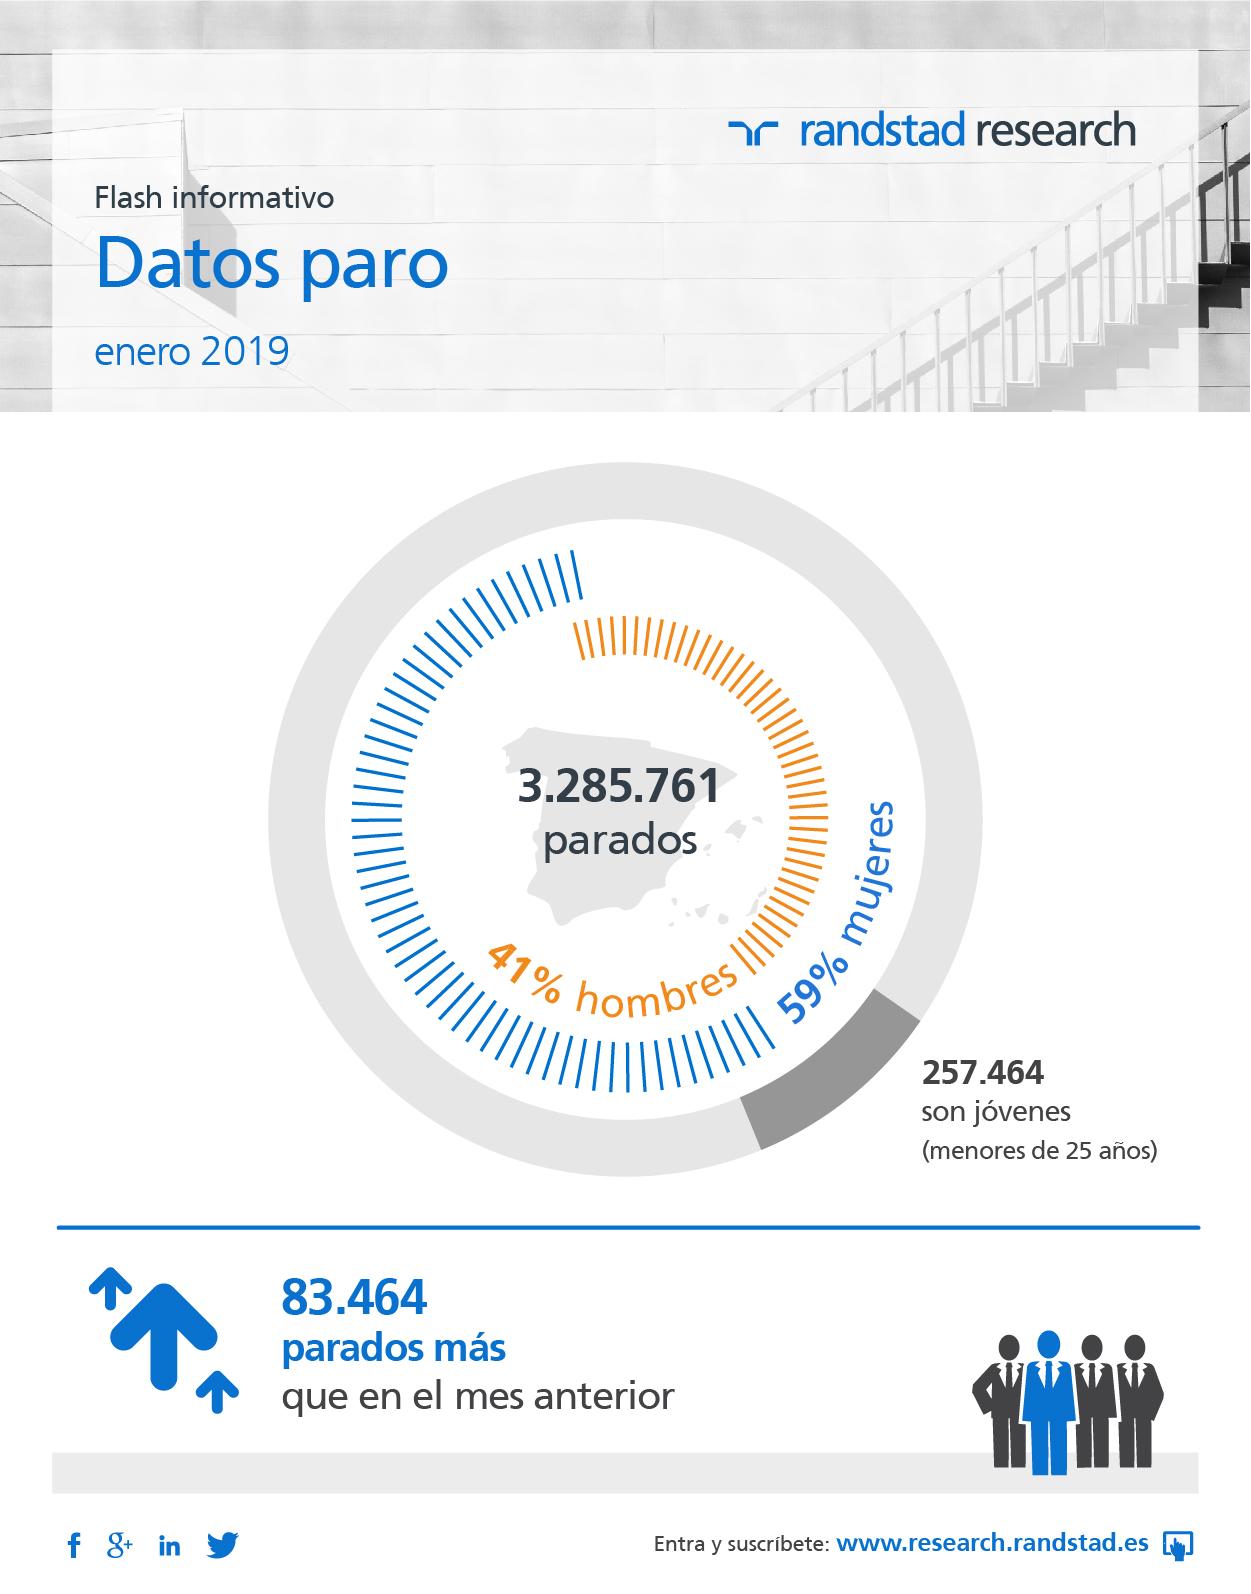 Infografía Datos Paro Randstad Research: Enero 2019